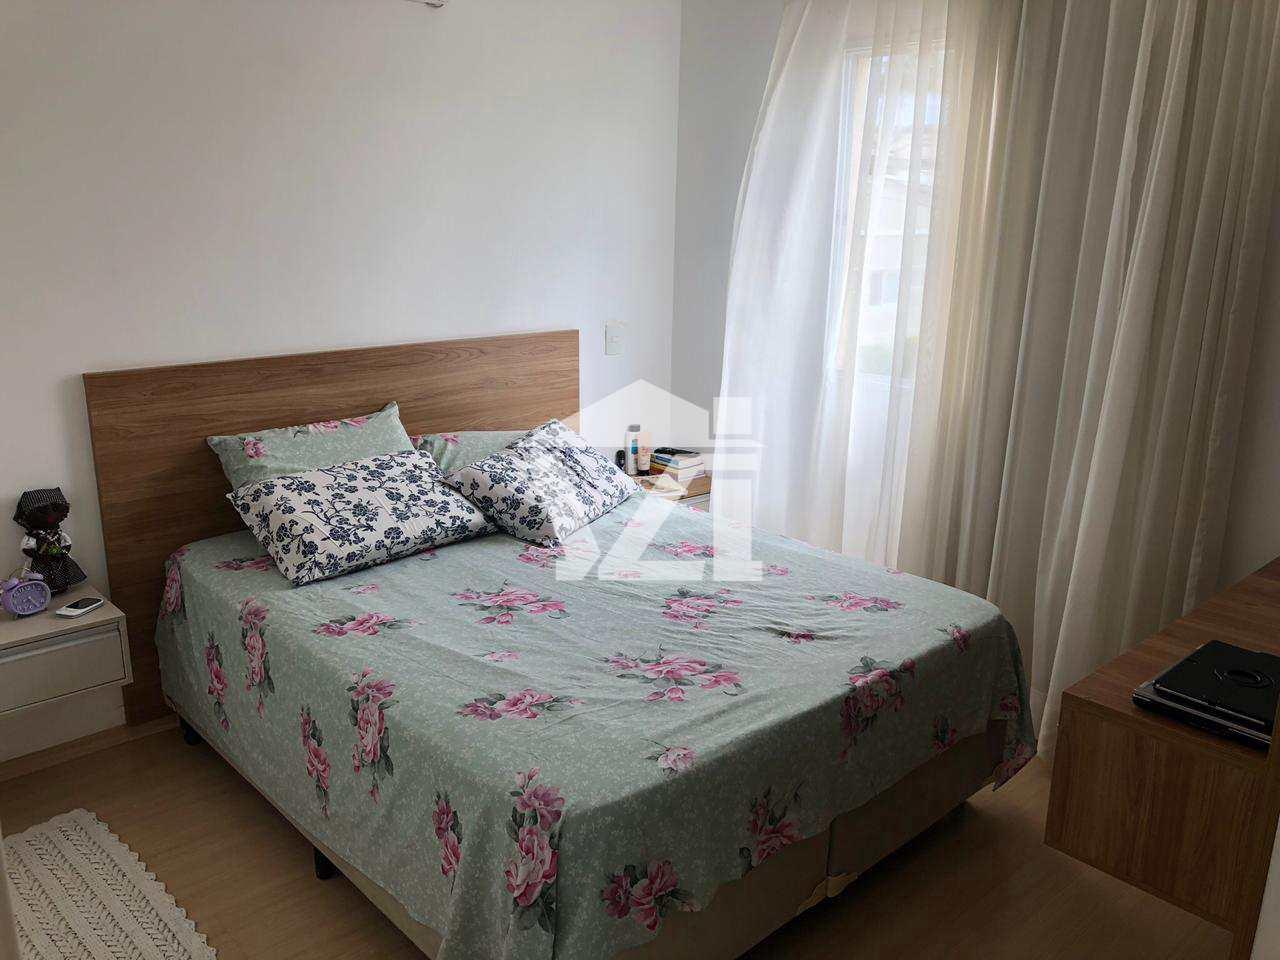 Sobrado de Condomínio com 3 dorms, Jardim São Pedro, Mogi das Cruzes - R$ 550 mil, Cod: 334